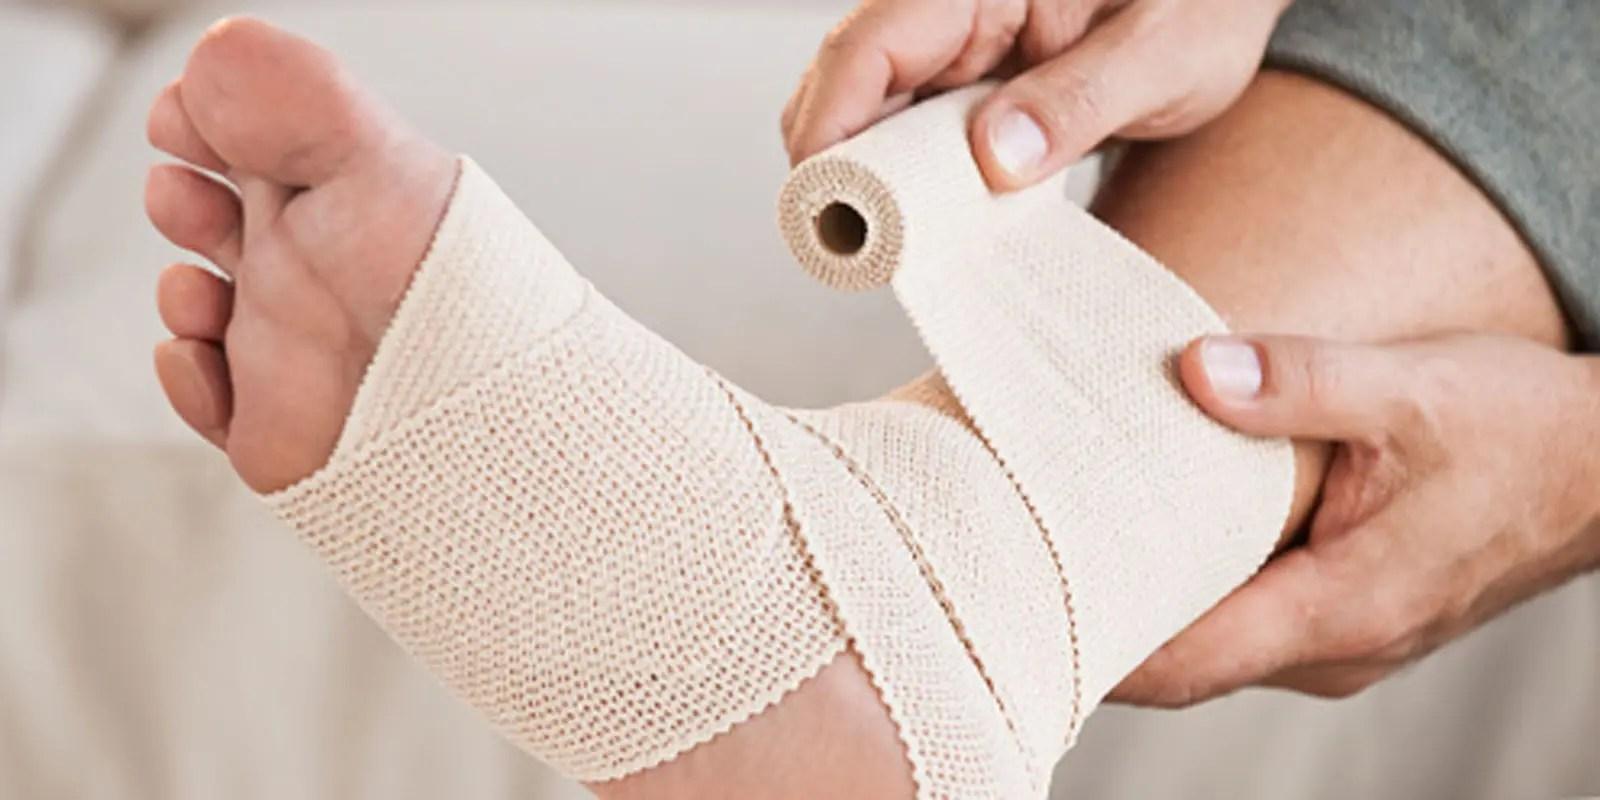 ízületi kezelés diprospan-nal hogyan kell kezelni a karok vállának ízületeit